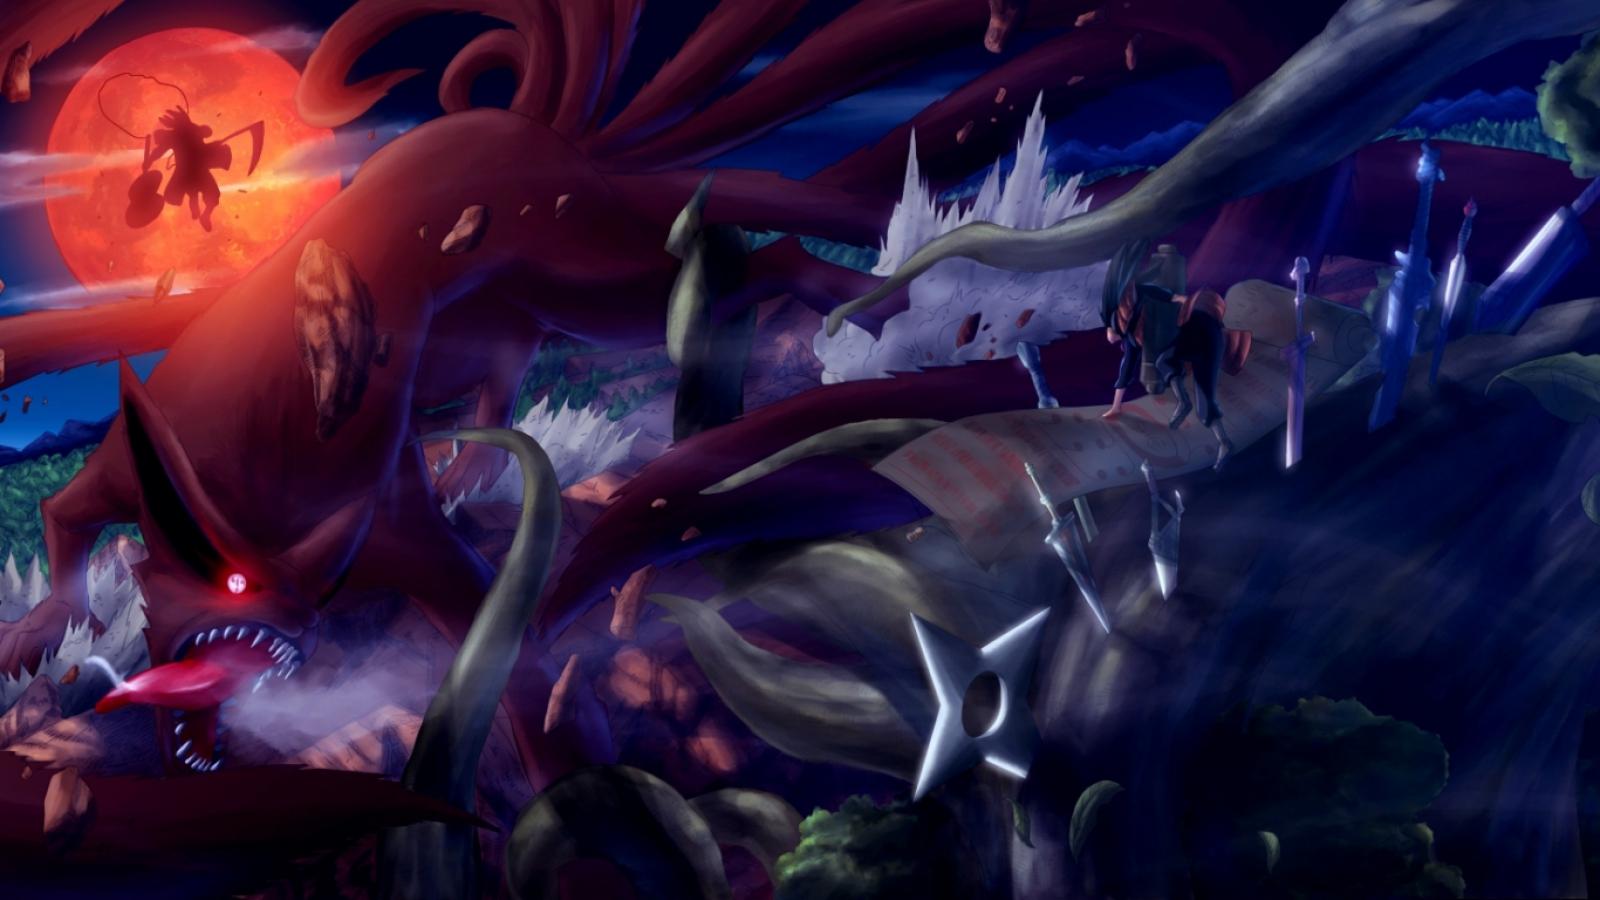 Madara Kyuub Hashirama Naruto Anime HD Wallpaper Desktop Background 1600x900